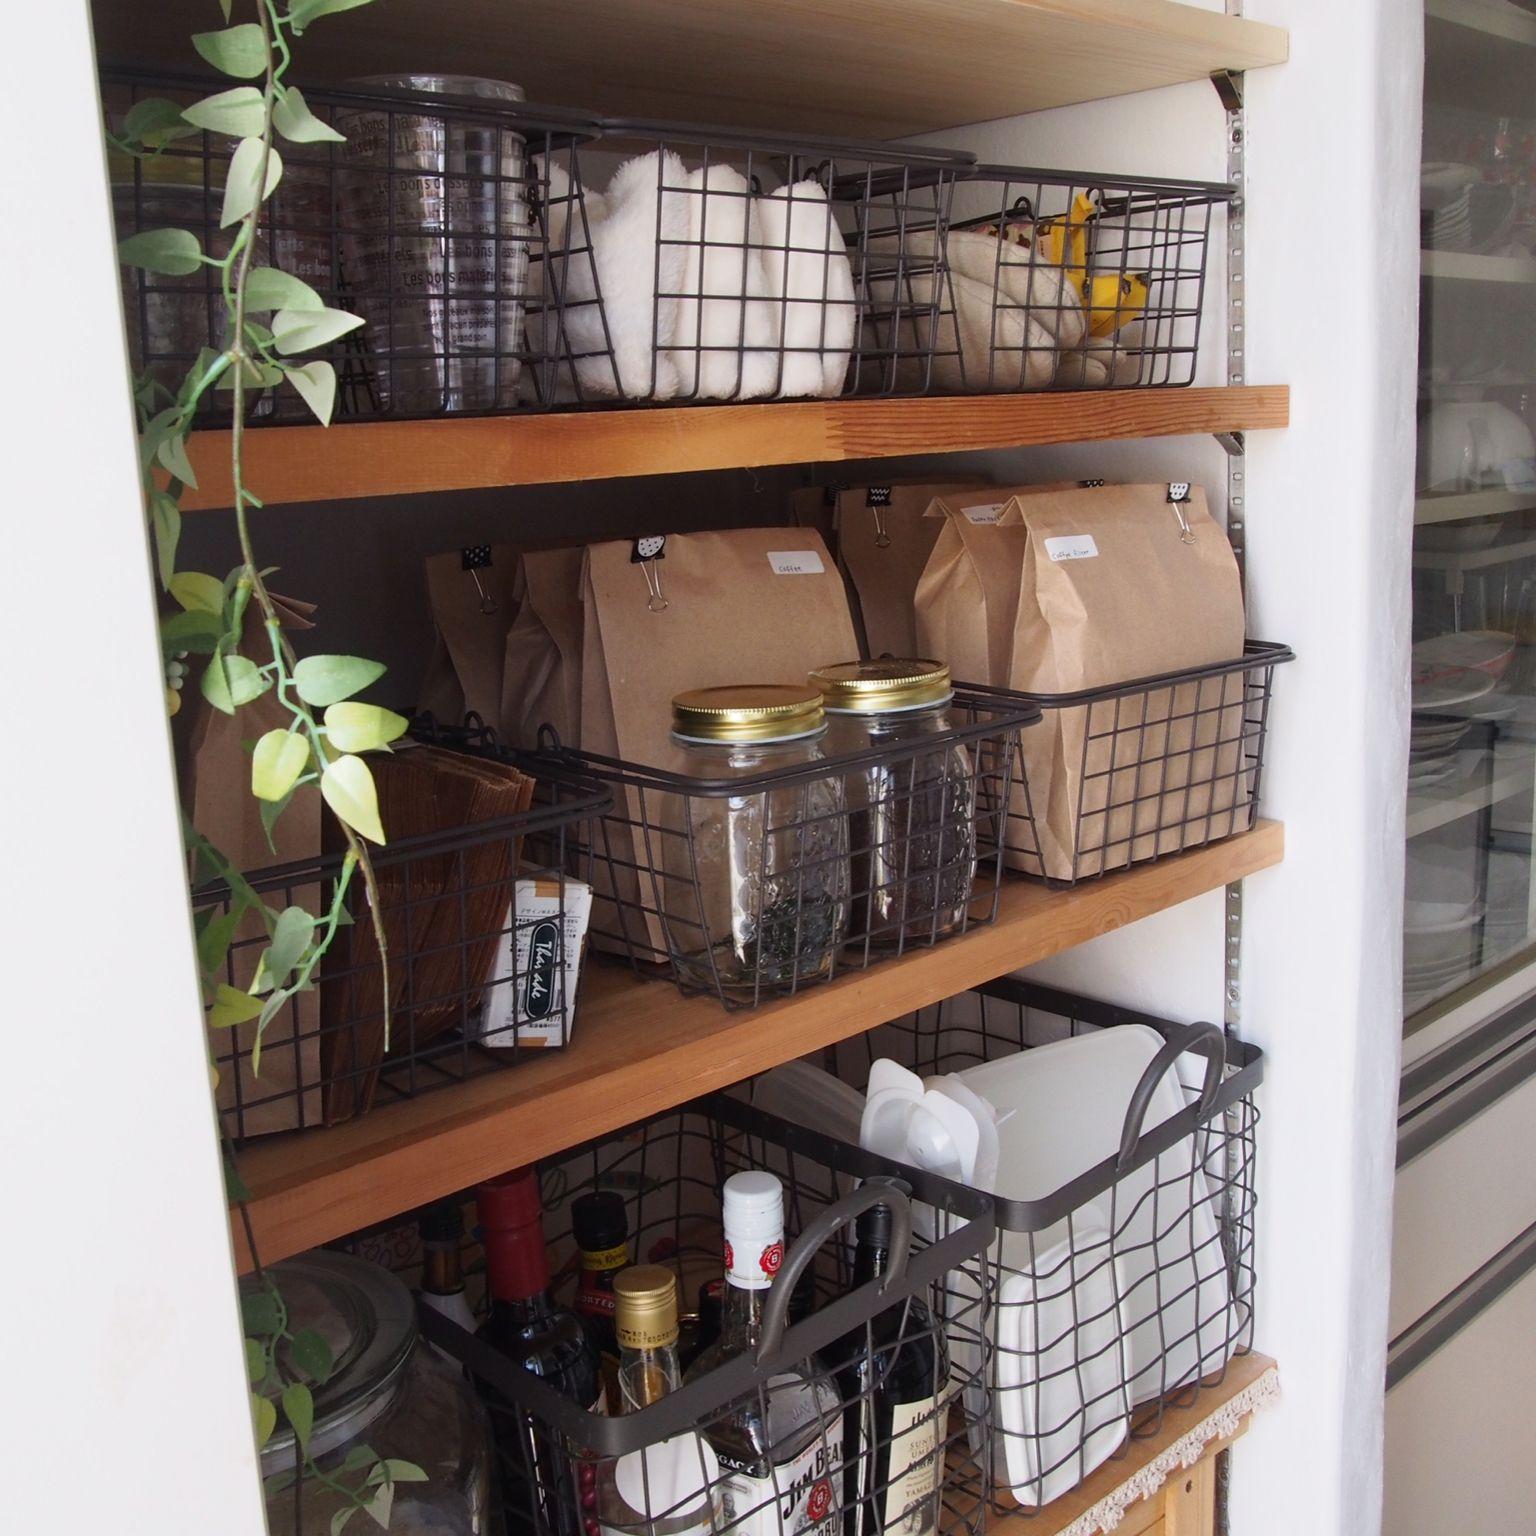 ニトリの収納ケースでキッチンや小物入れ ベッド下収納のアイデア実例